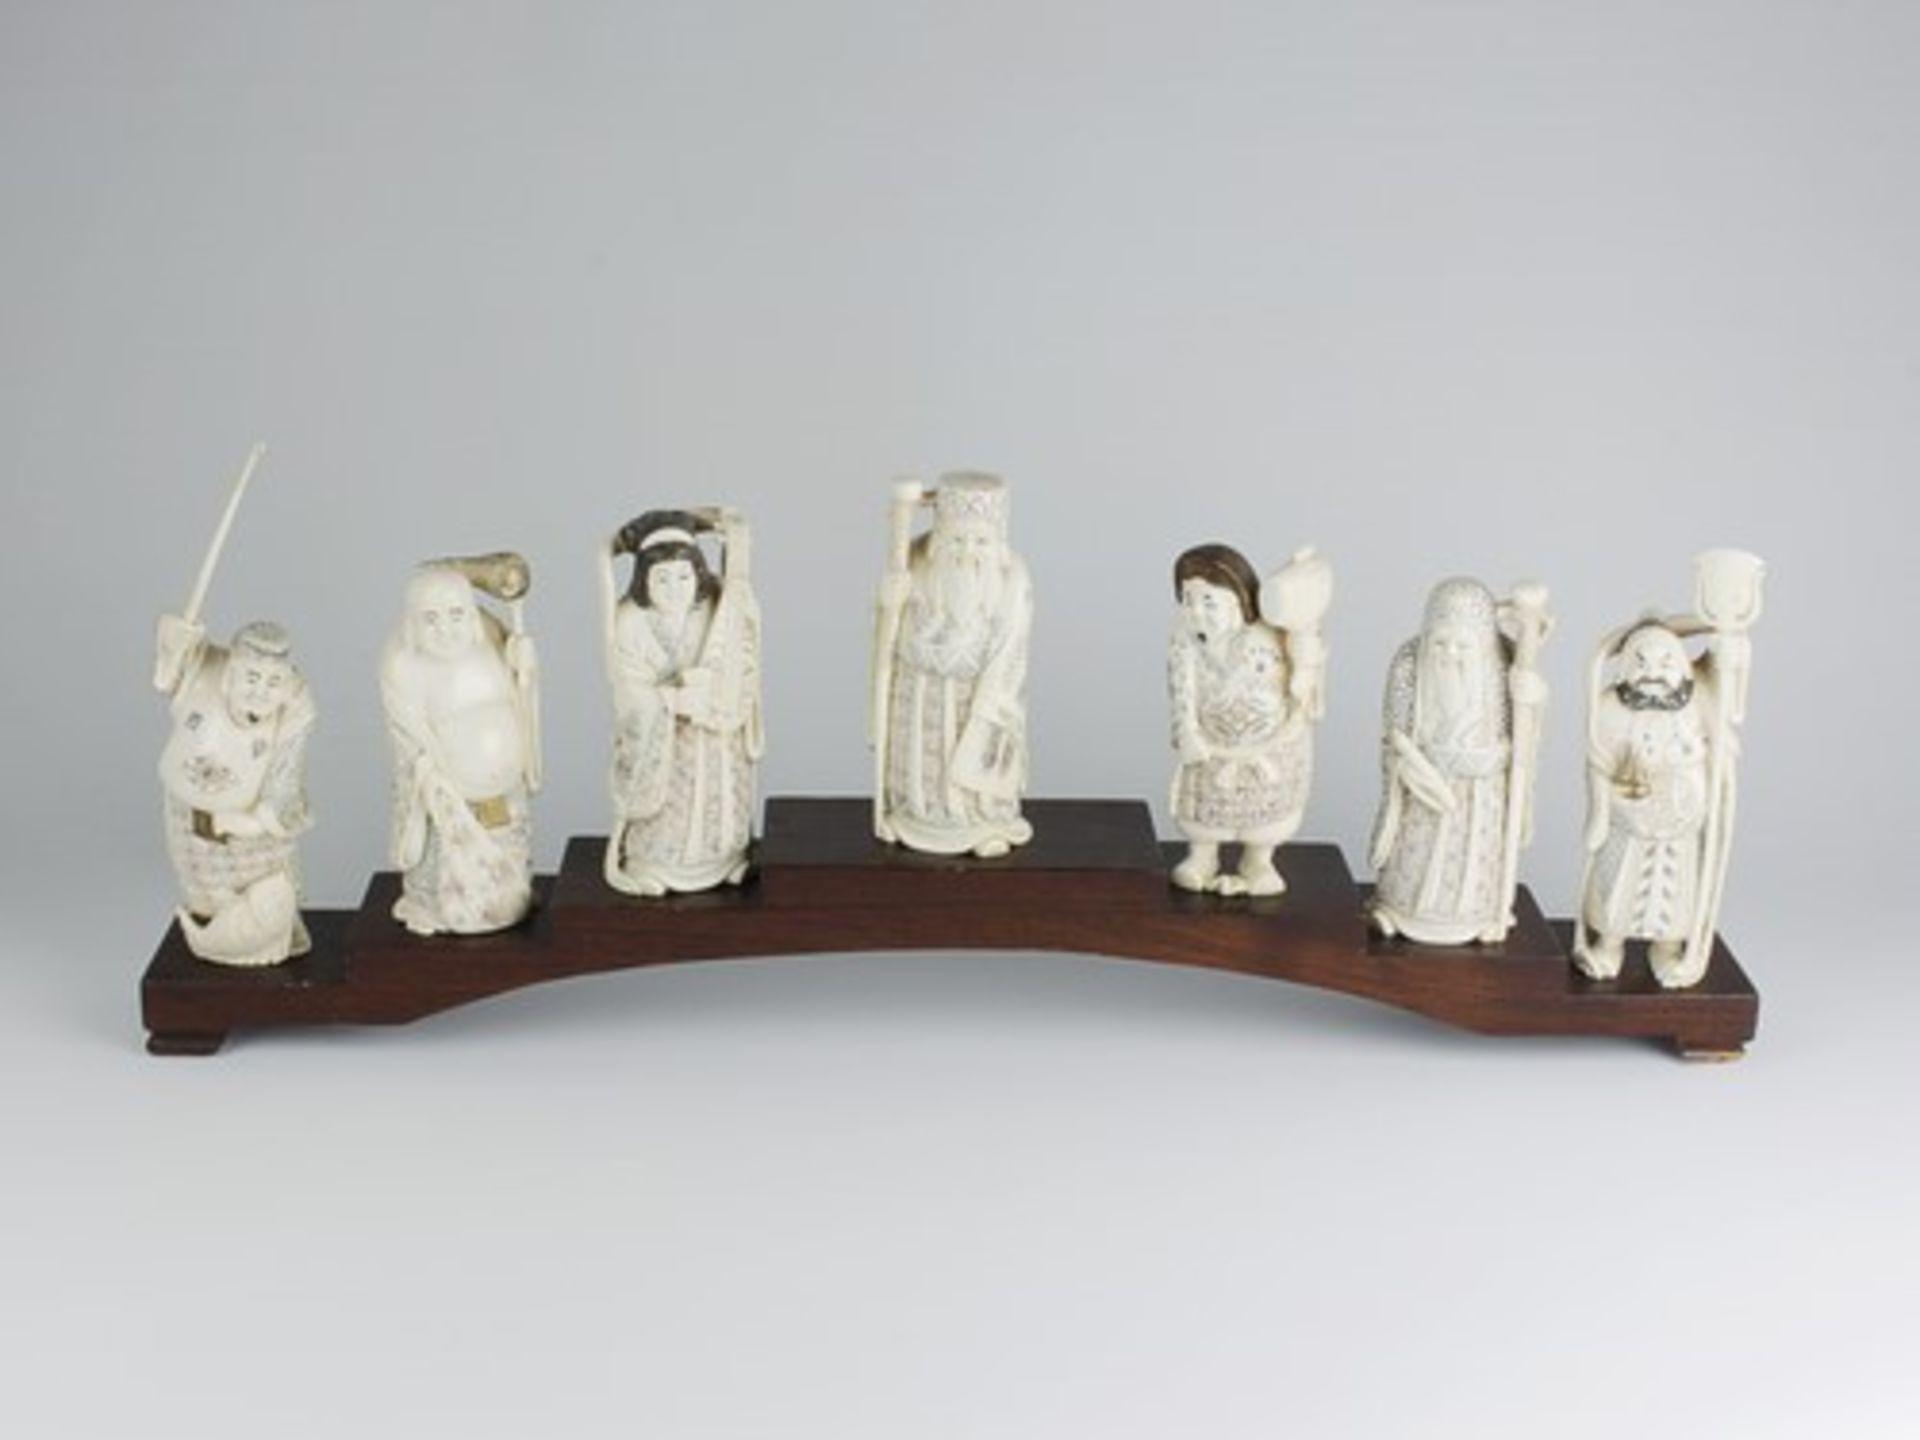 Figurengruppe - Chinaum 1920, 7x vollplastische Elfenbein-Schnitzereien, partiell geschwärzt,